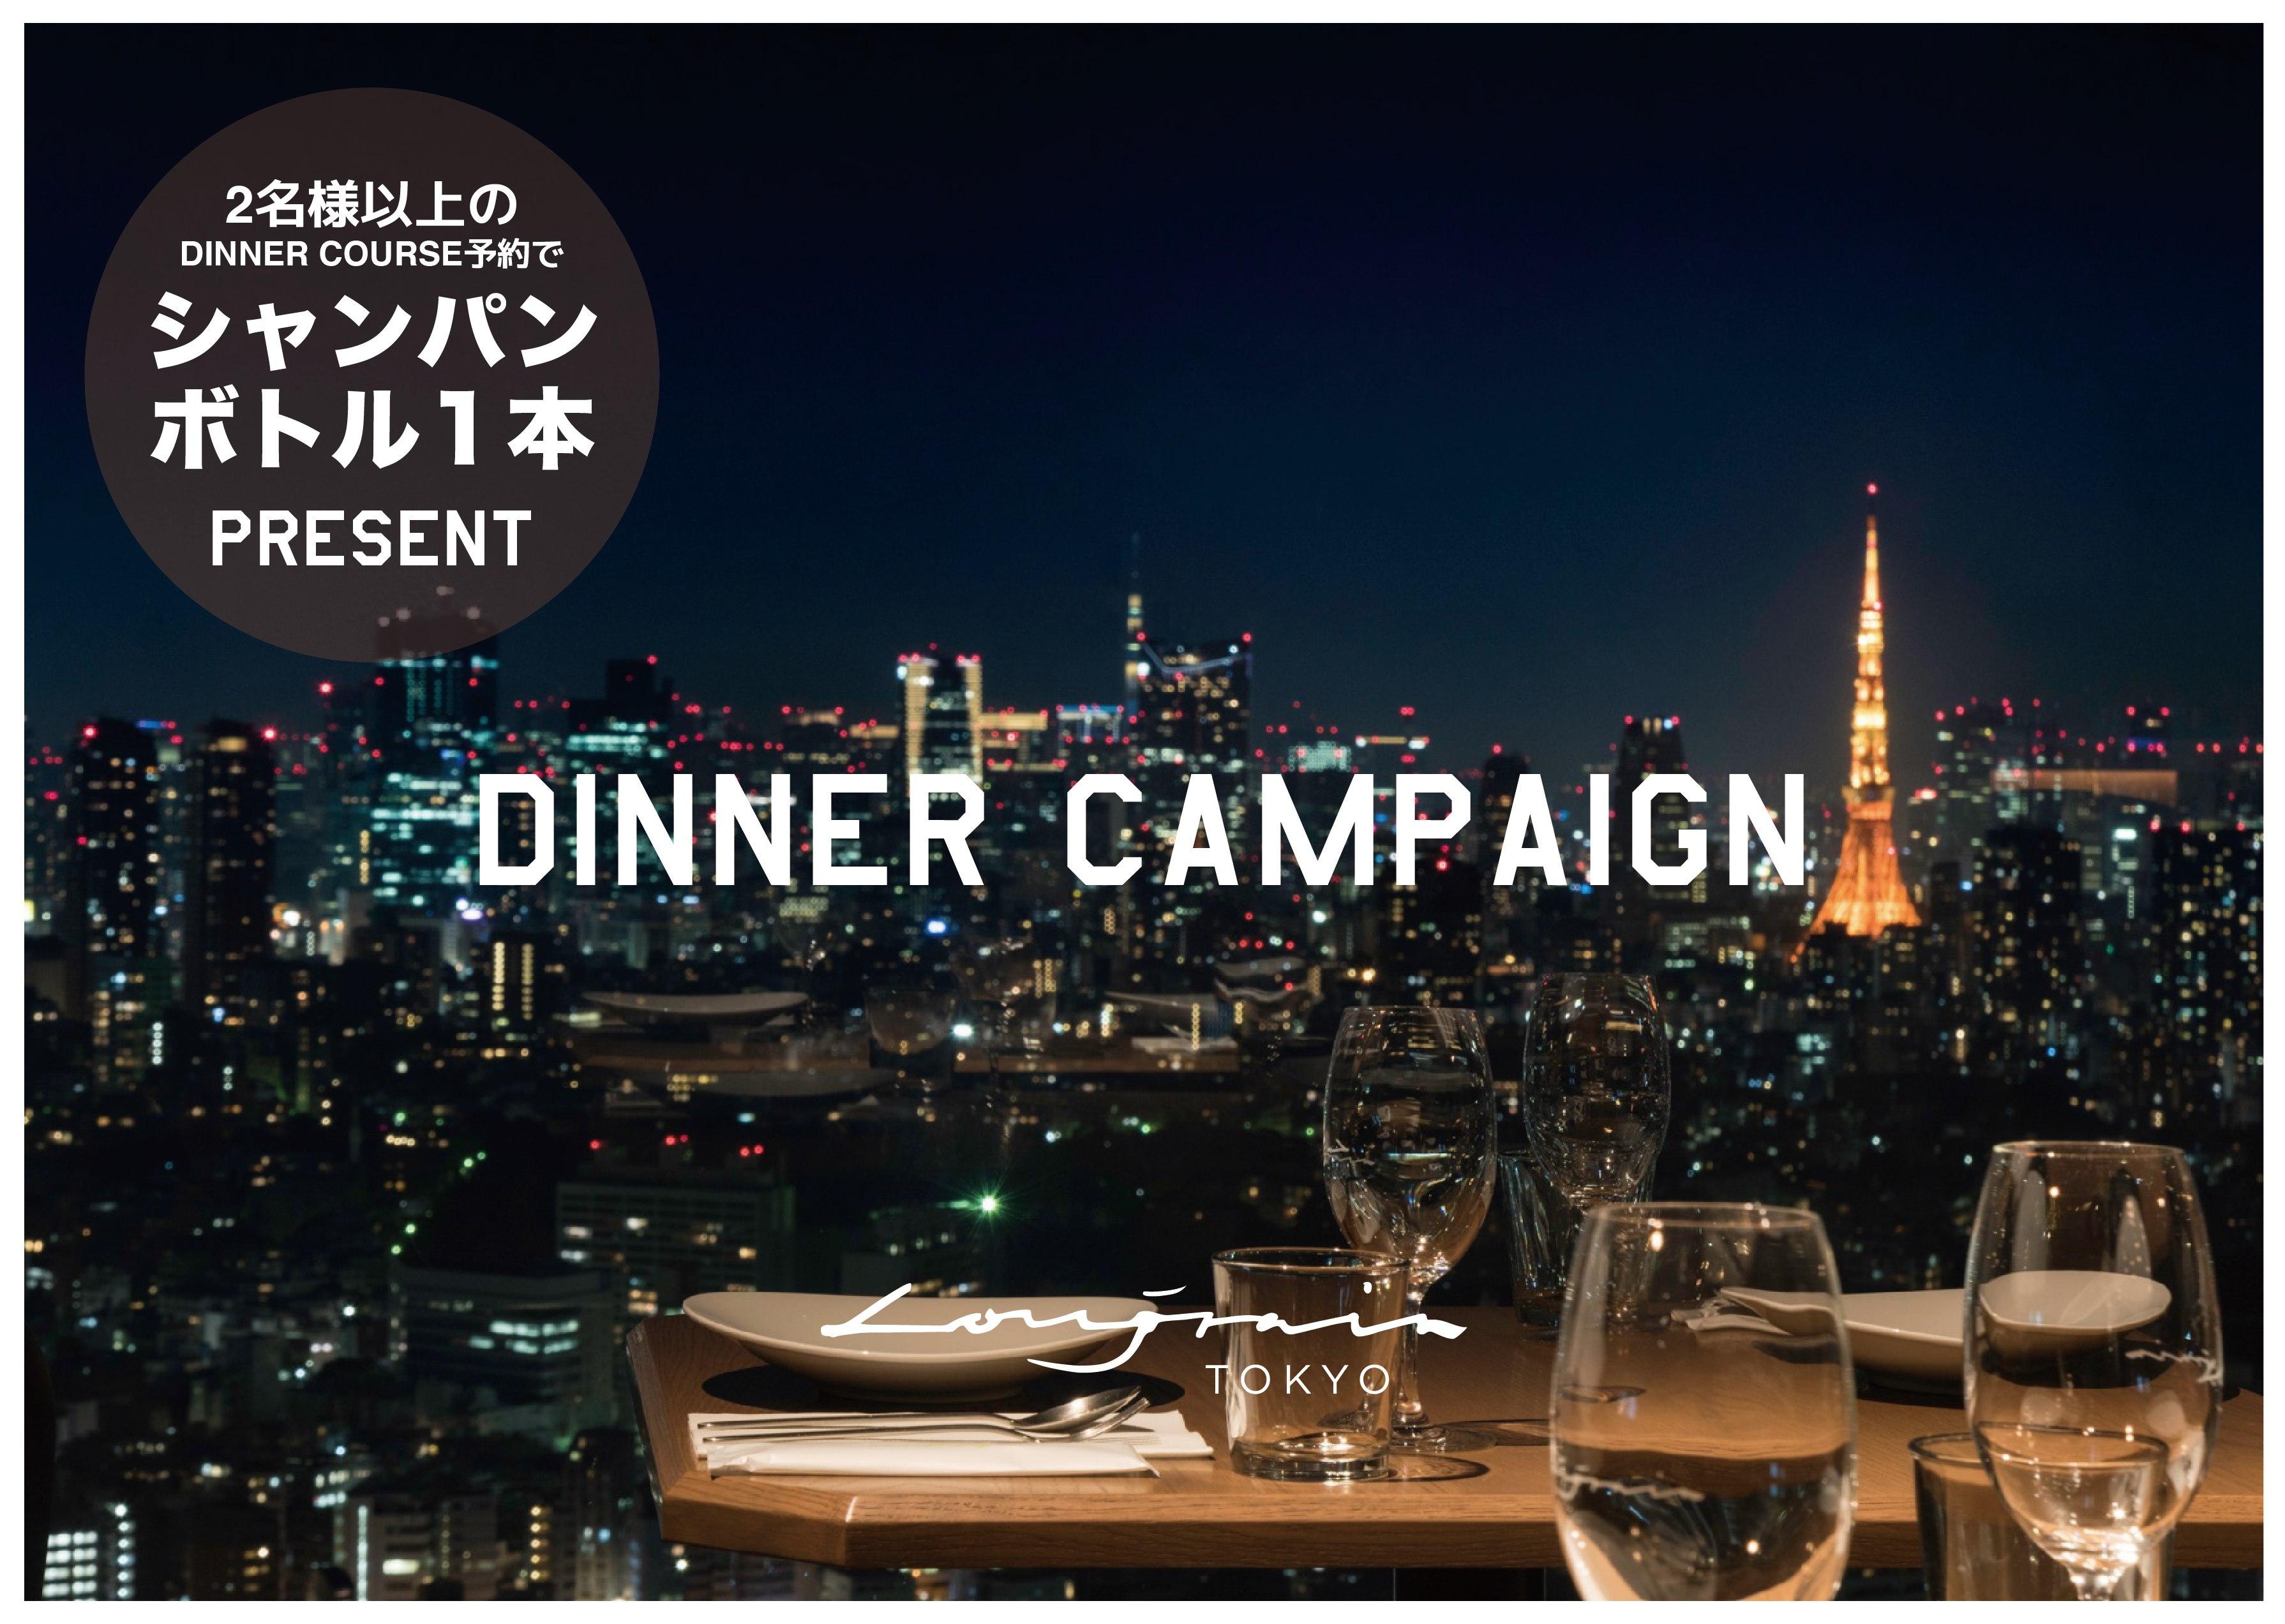 【Longrain】7月限定!!シャンパンボトル1本プレゼントキャンペーン!